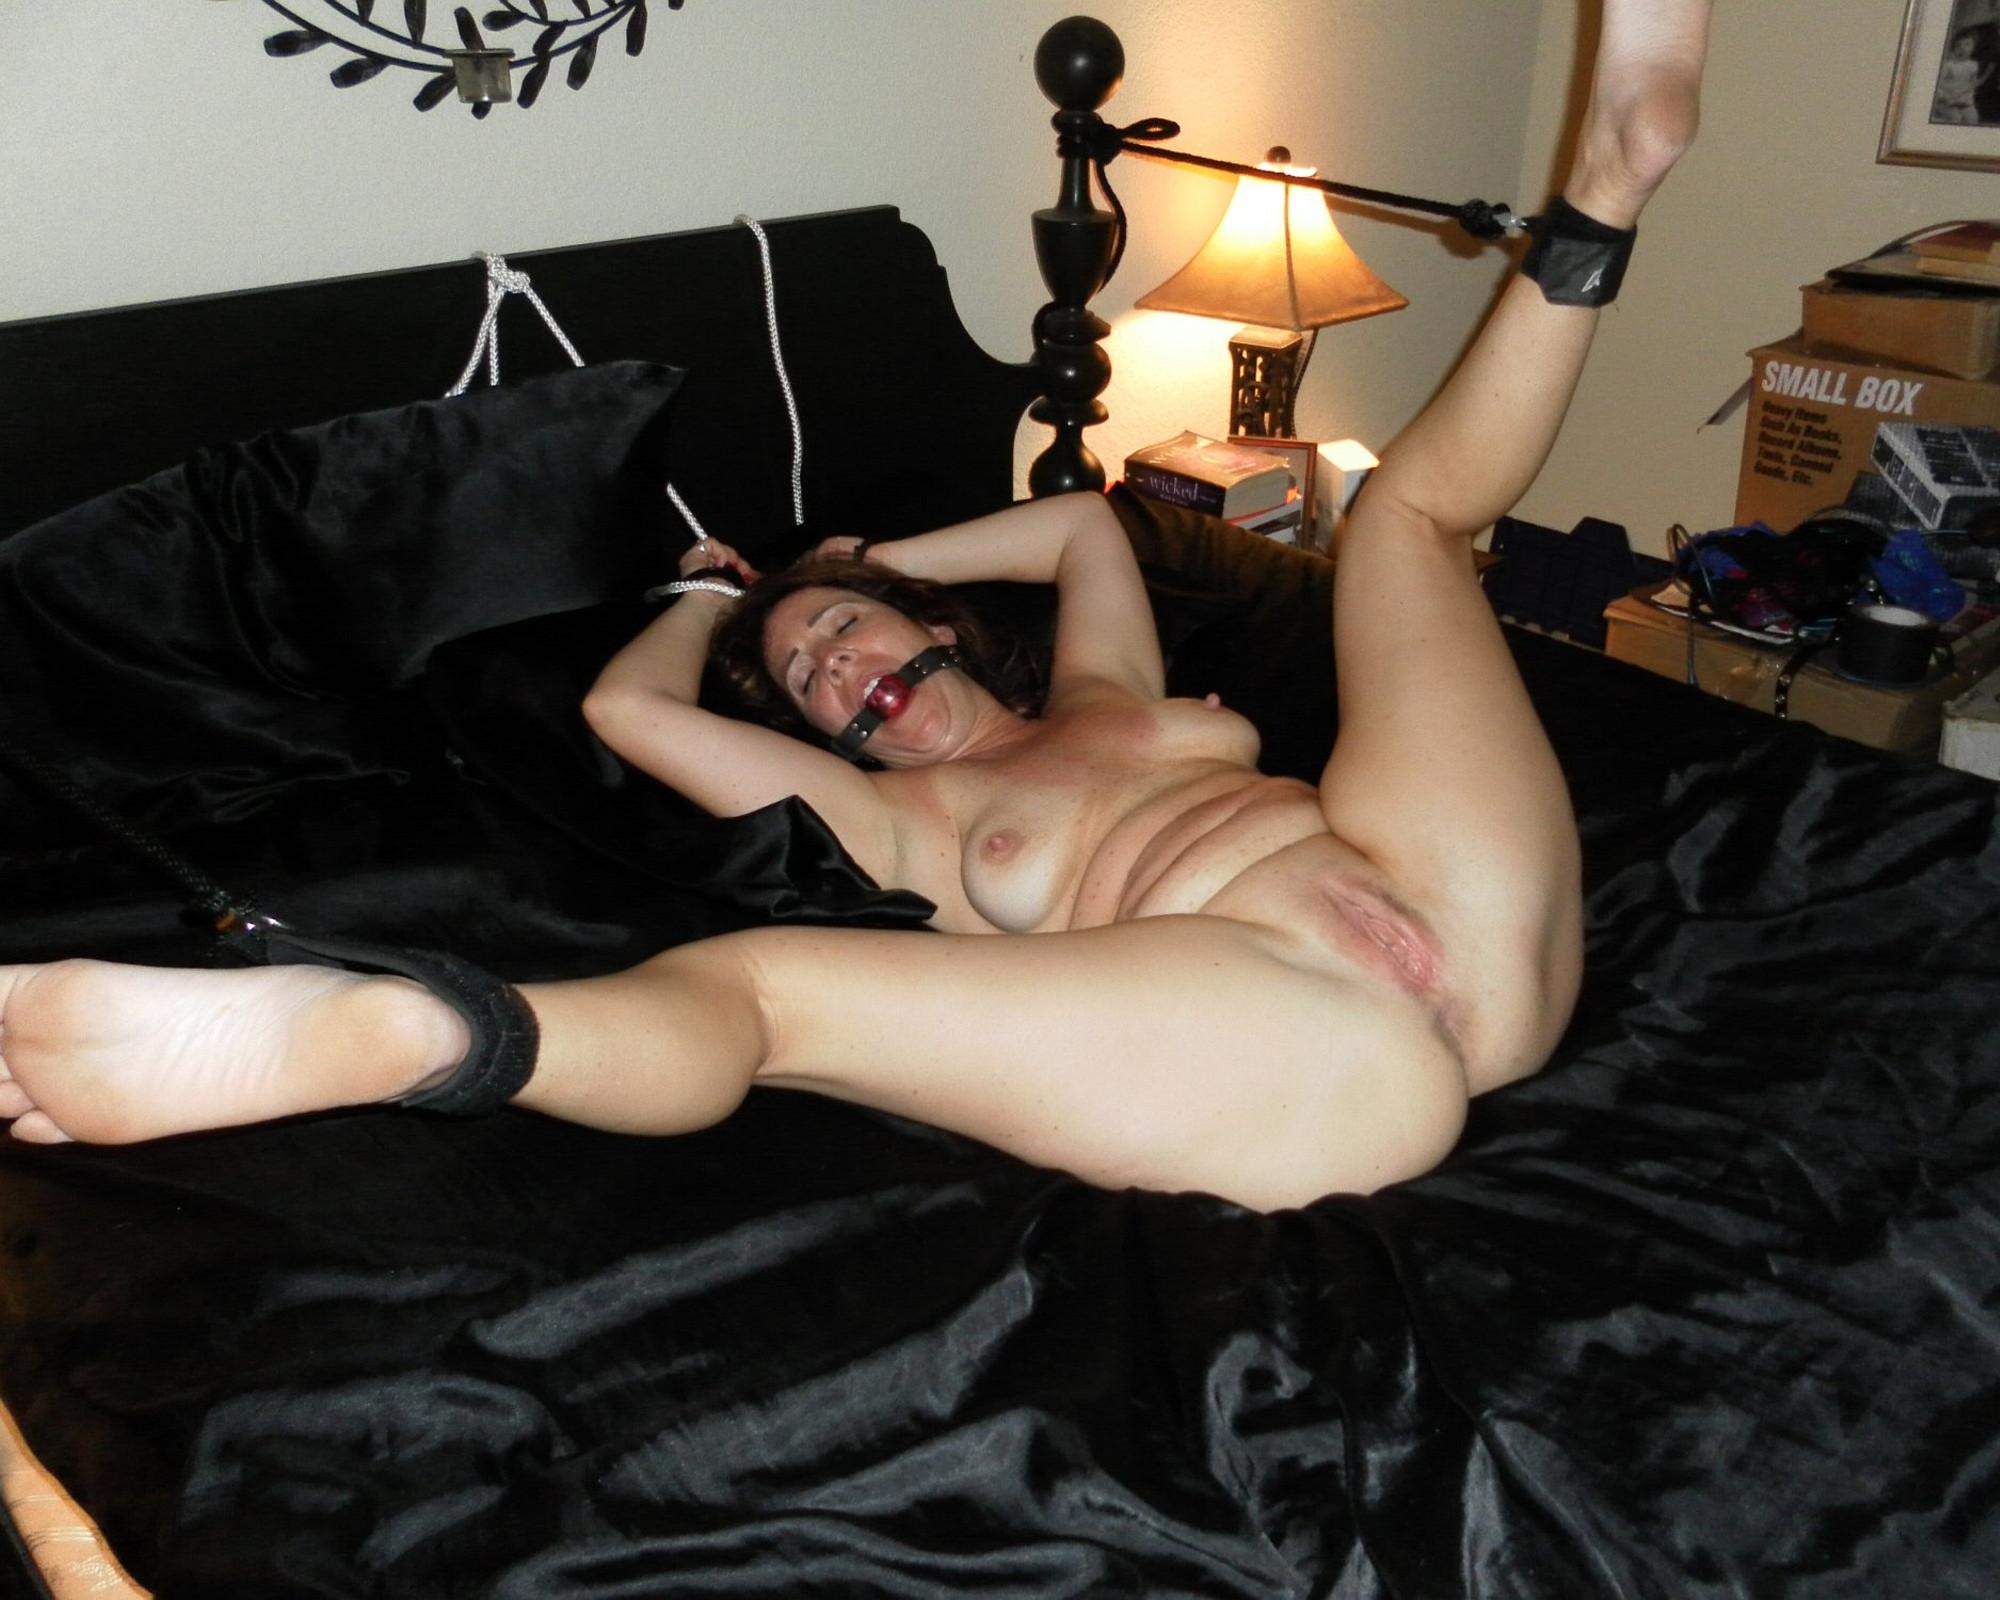 pics of brandy c pornstar nude